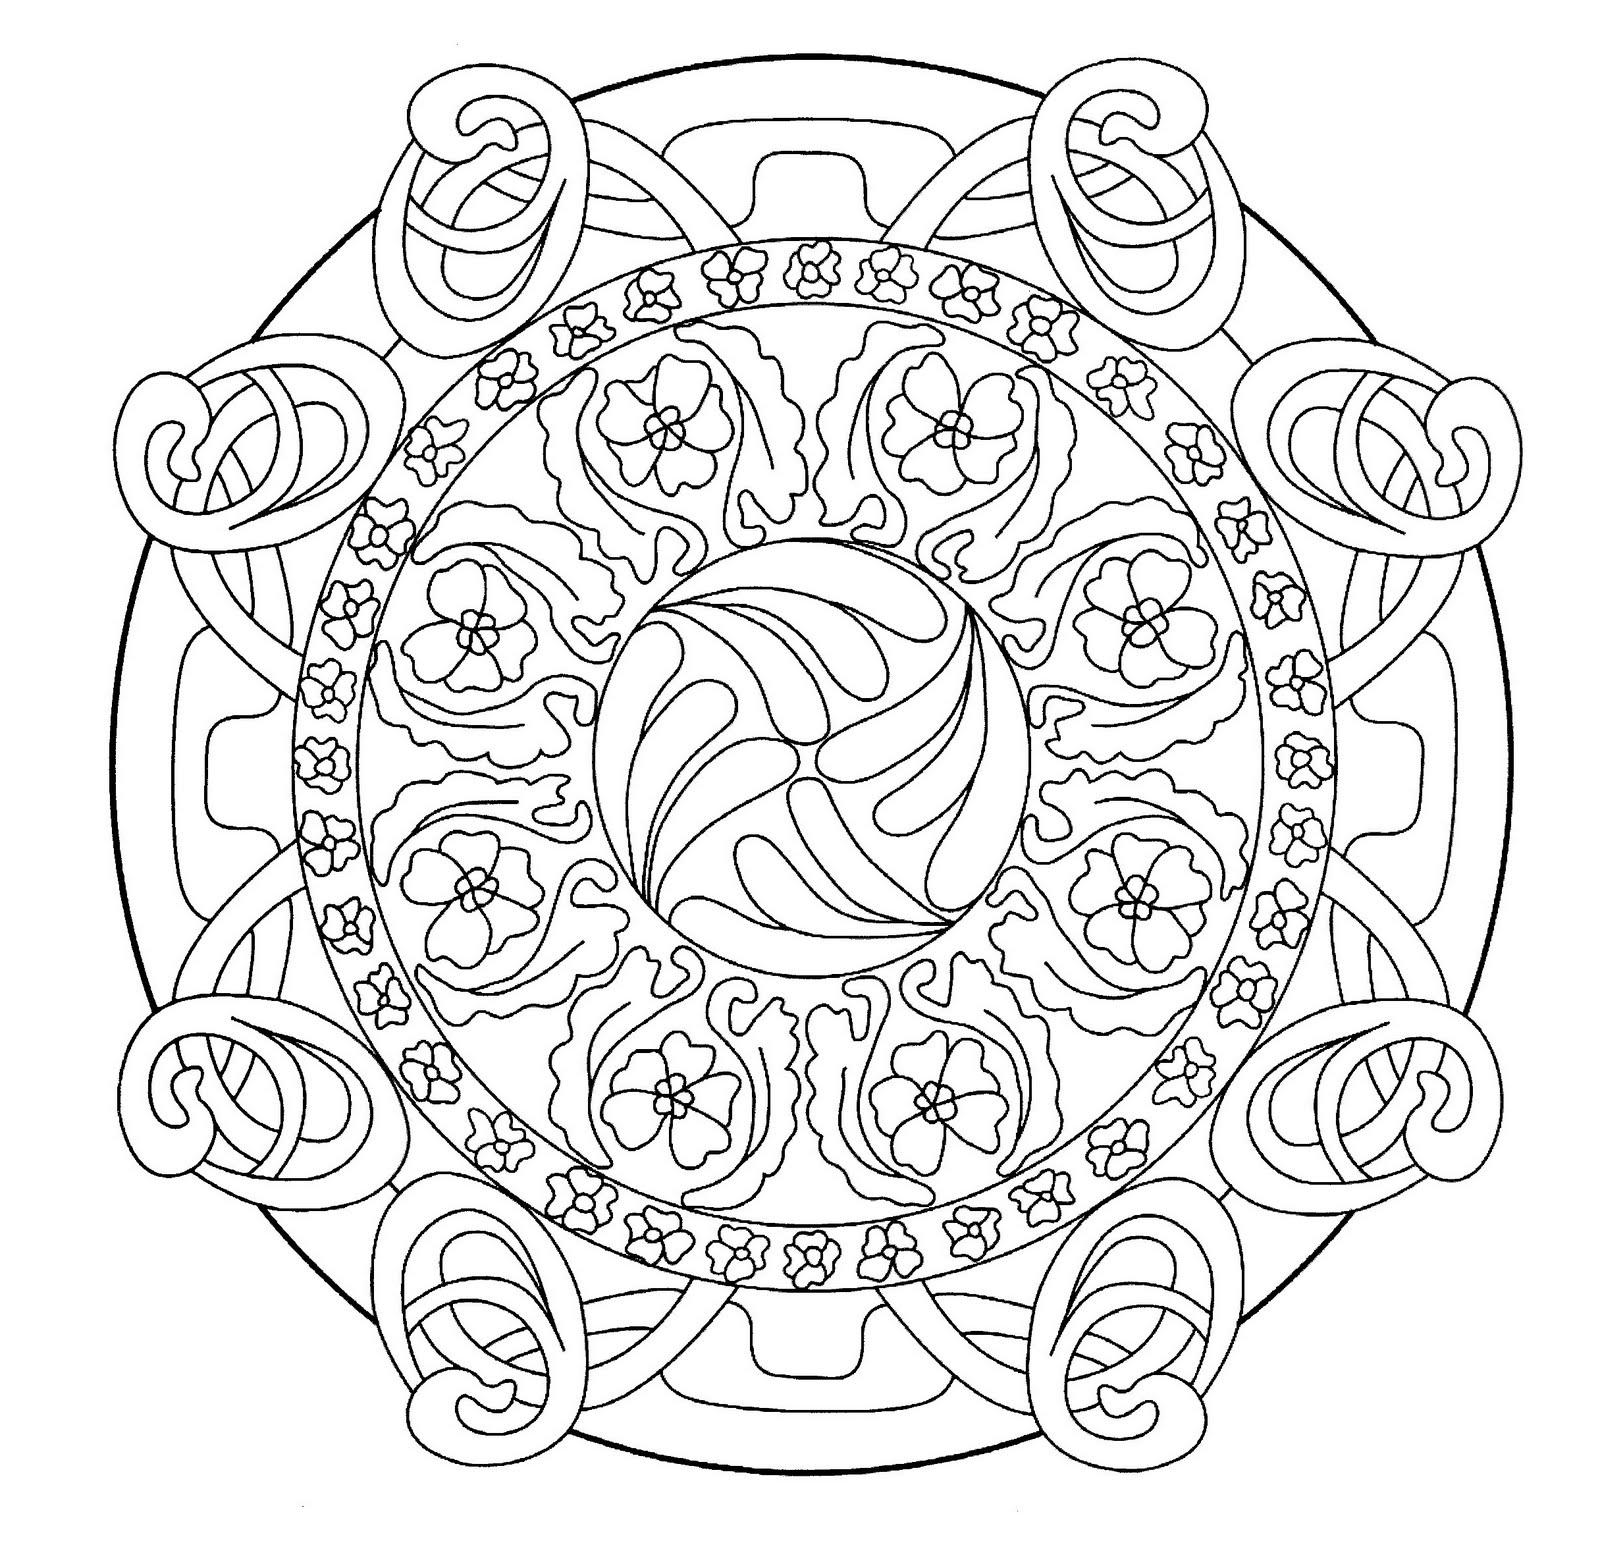 mandala coloring pages pinterest | Mandalas Para Pintar: Mandala floreado